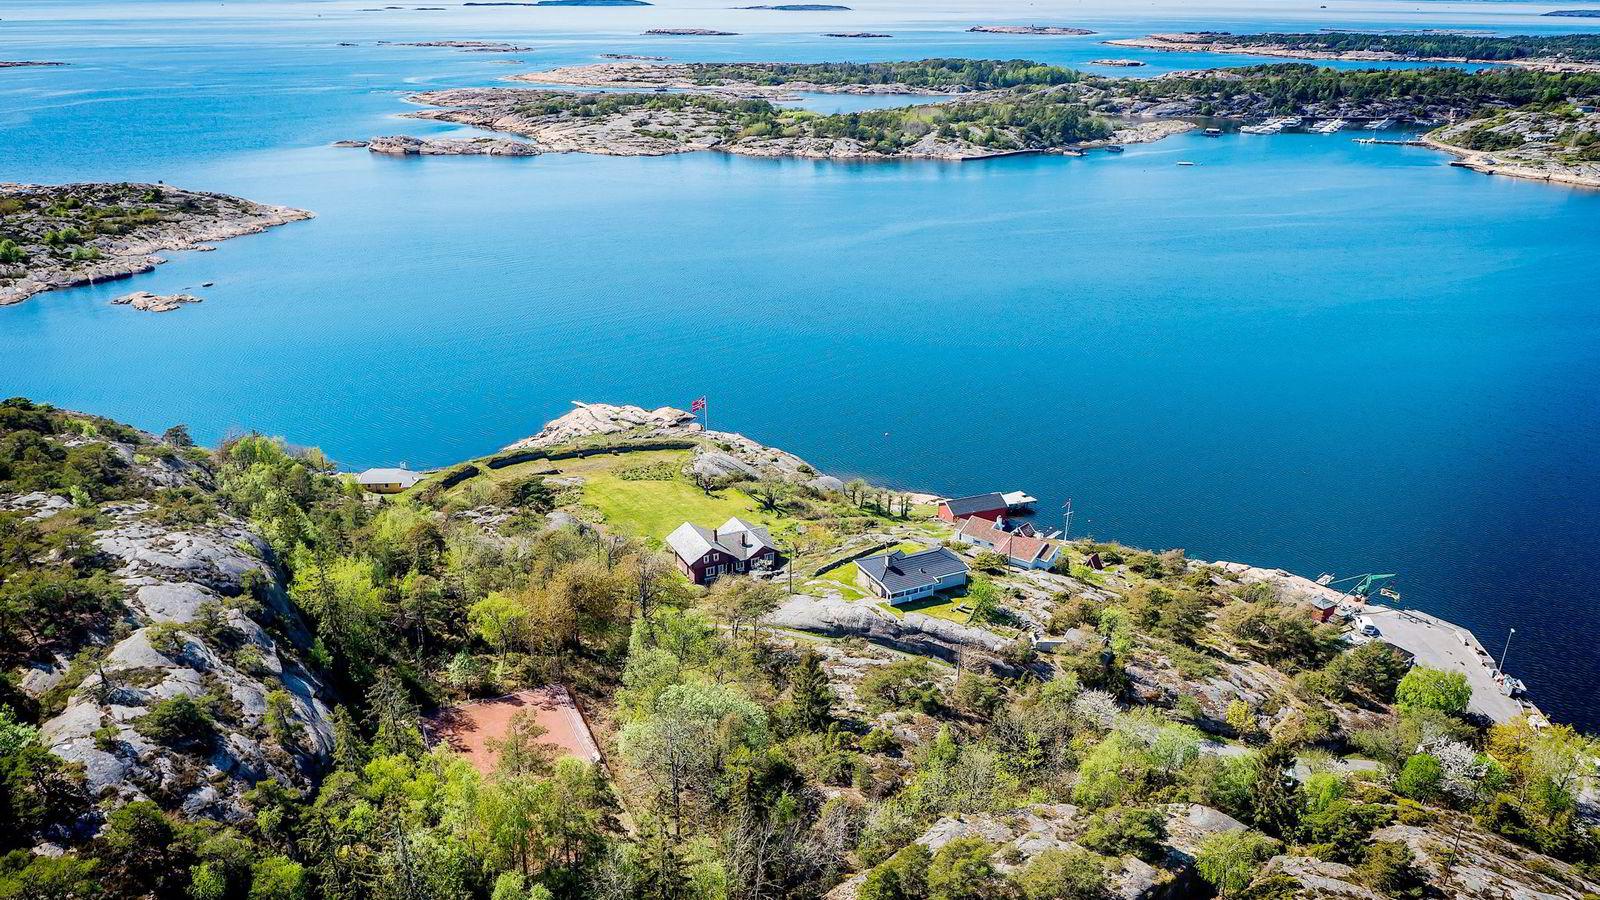 På slevik utenfor fredrikstad har familien dahl feriert siden 1930. Eiendommen er utstyrt med blant annet tennisbane og dypvannsbrygge. Stedet har vært til stor glede for familien i alle år, og det er ikke med lett hjerte stedet selges, sier en talsperson for familien Carl Christian Dahl.